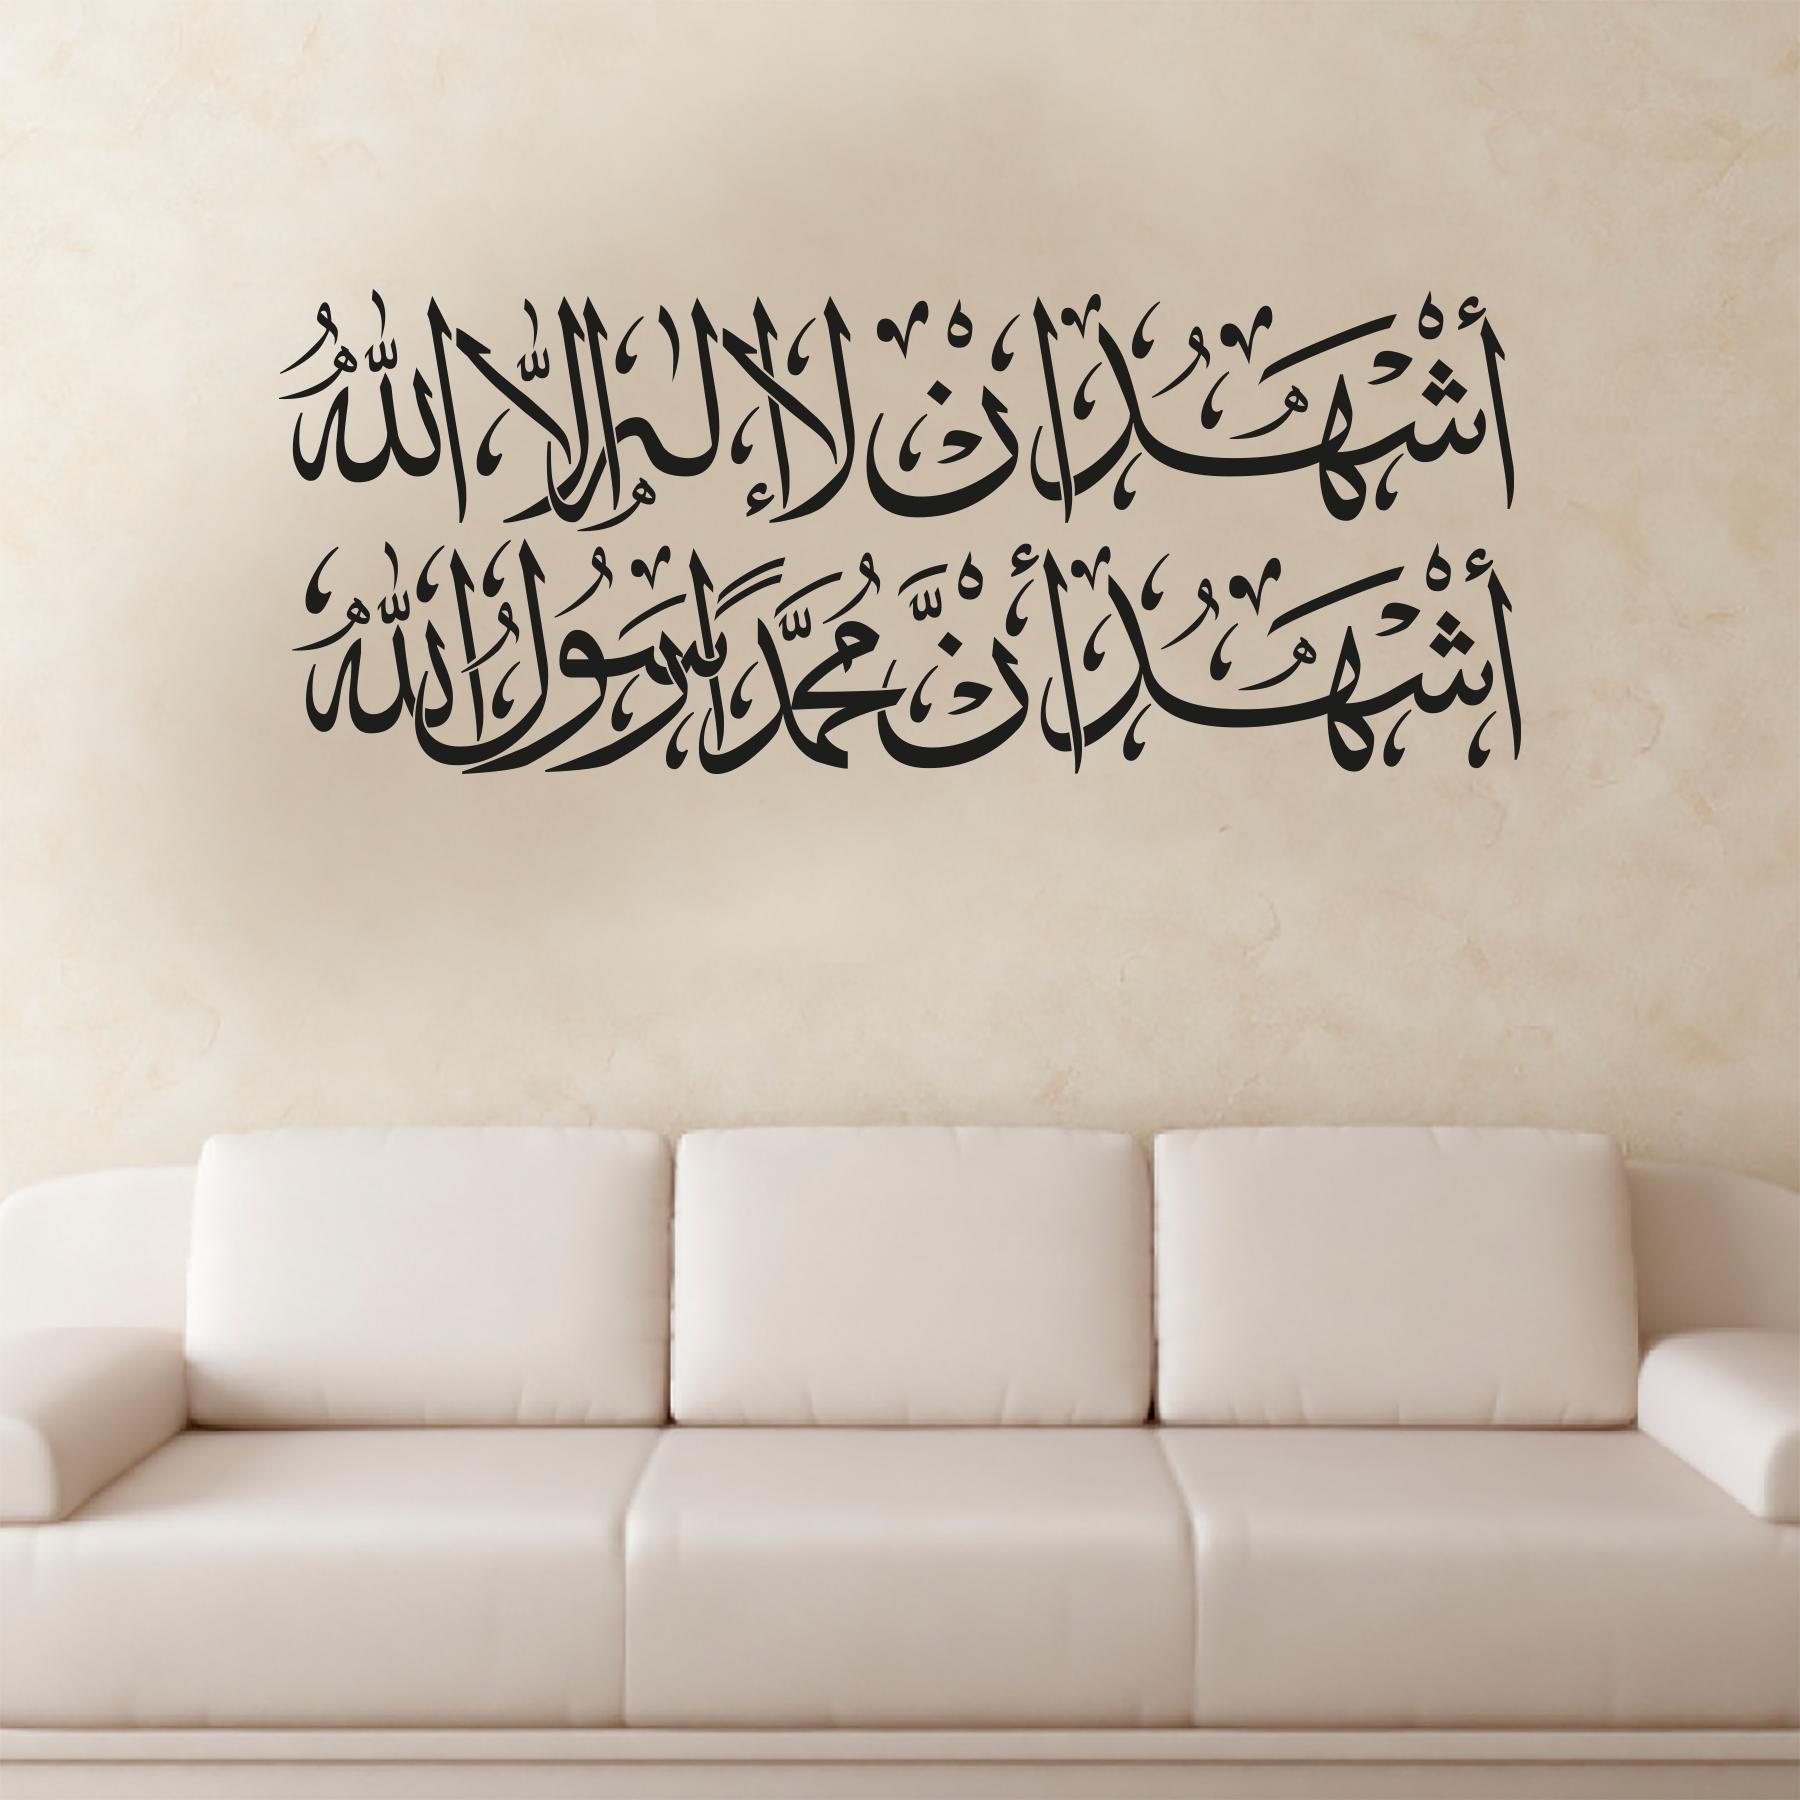 Faszinierend Wandtattoo Auf Rauputz Dekoration Von Bismillahirrahmanirrahim Islamische Islam Aufkleber Muslim Besemeleh Offers